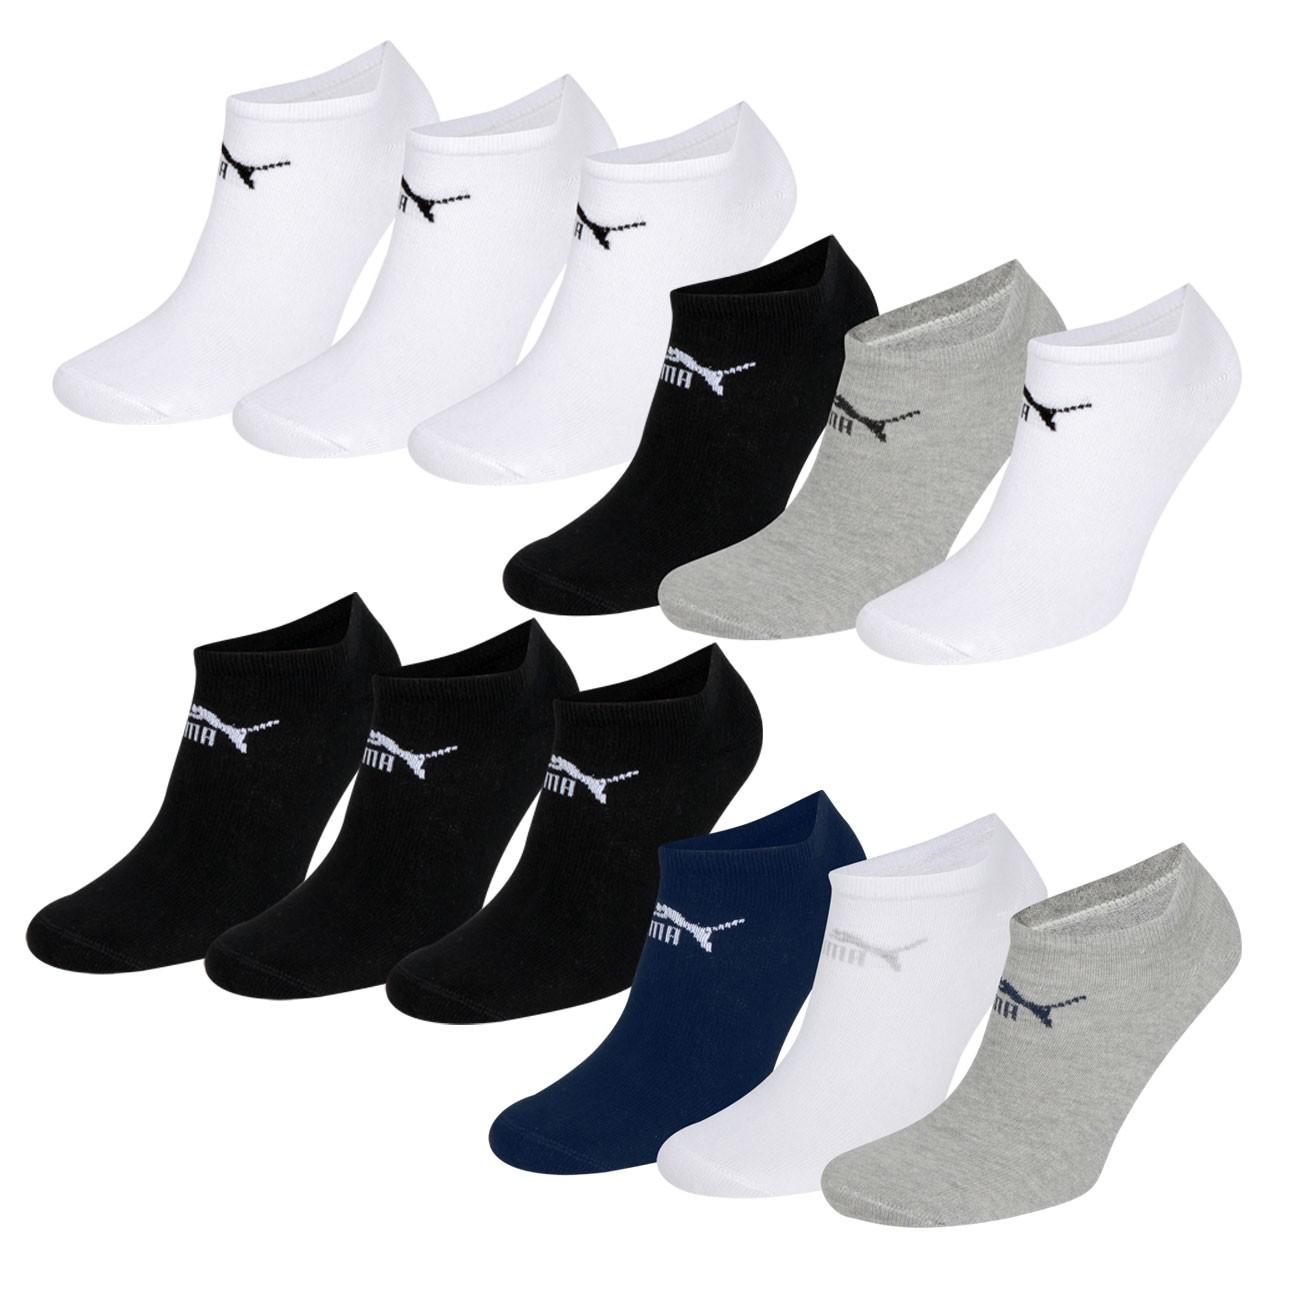 Puma Sneaker Clyde Socken 18 Paar (1,66€ Stückpreis)